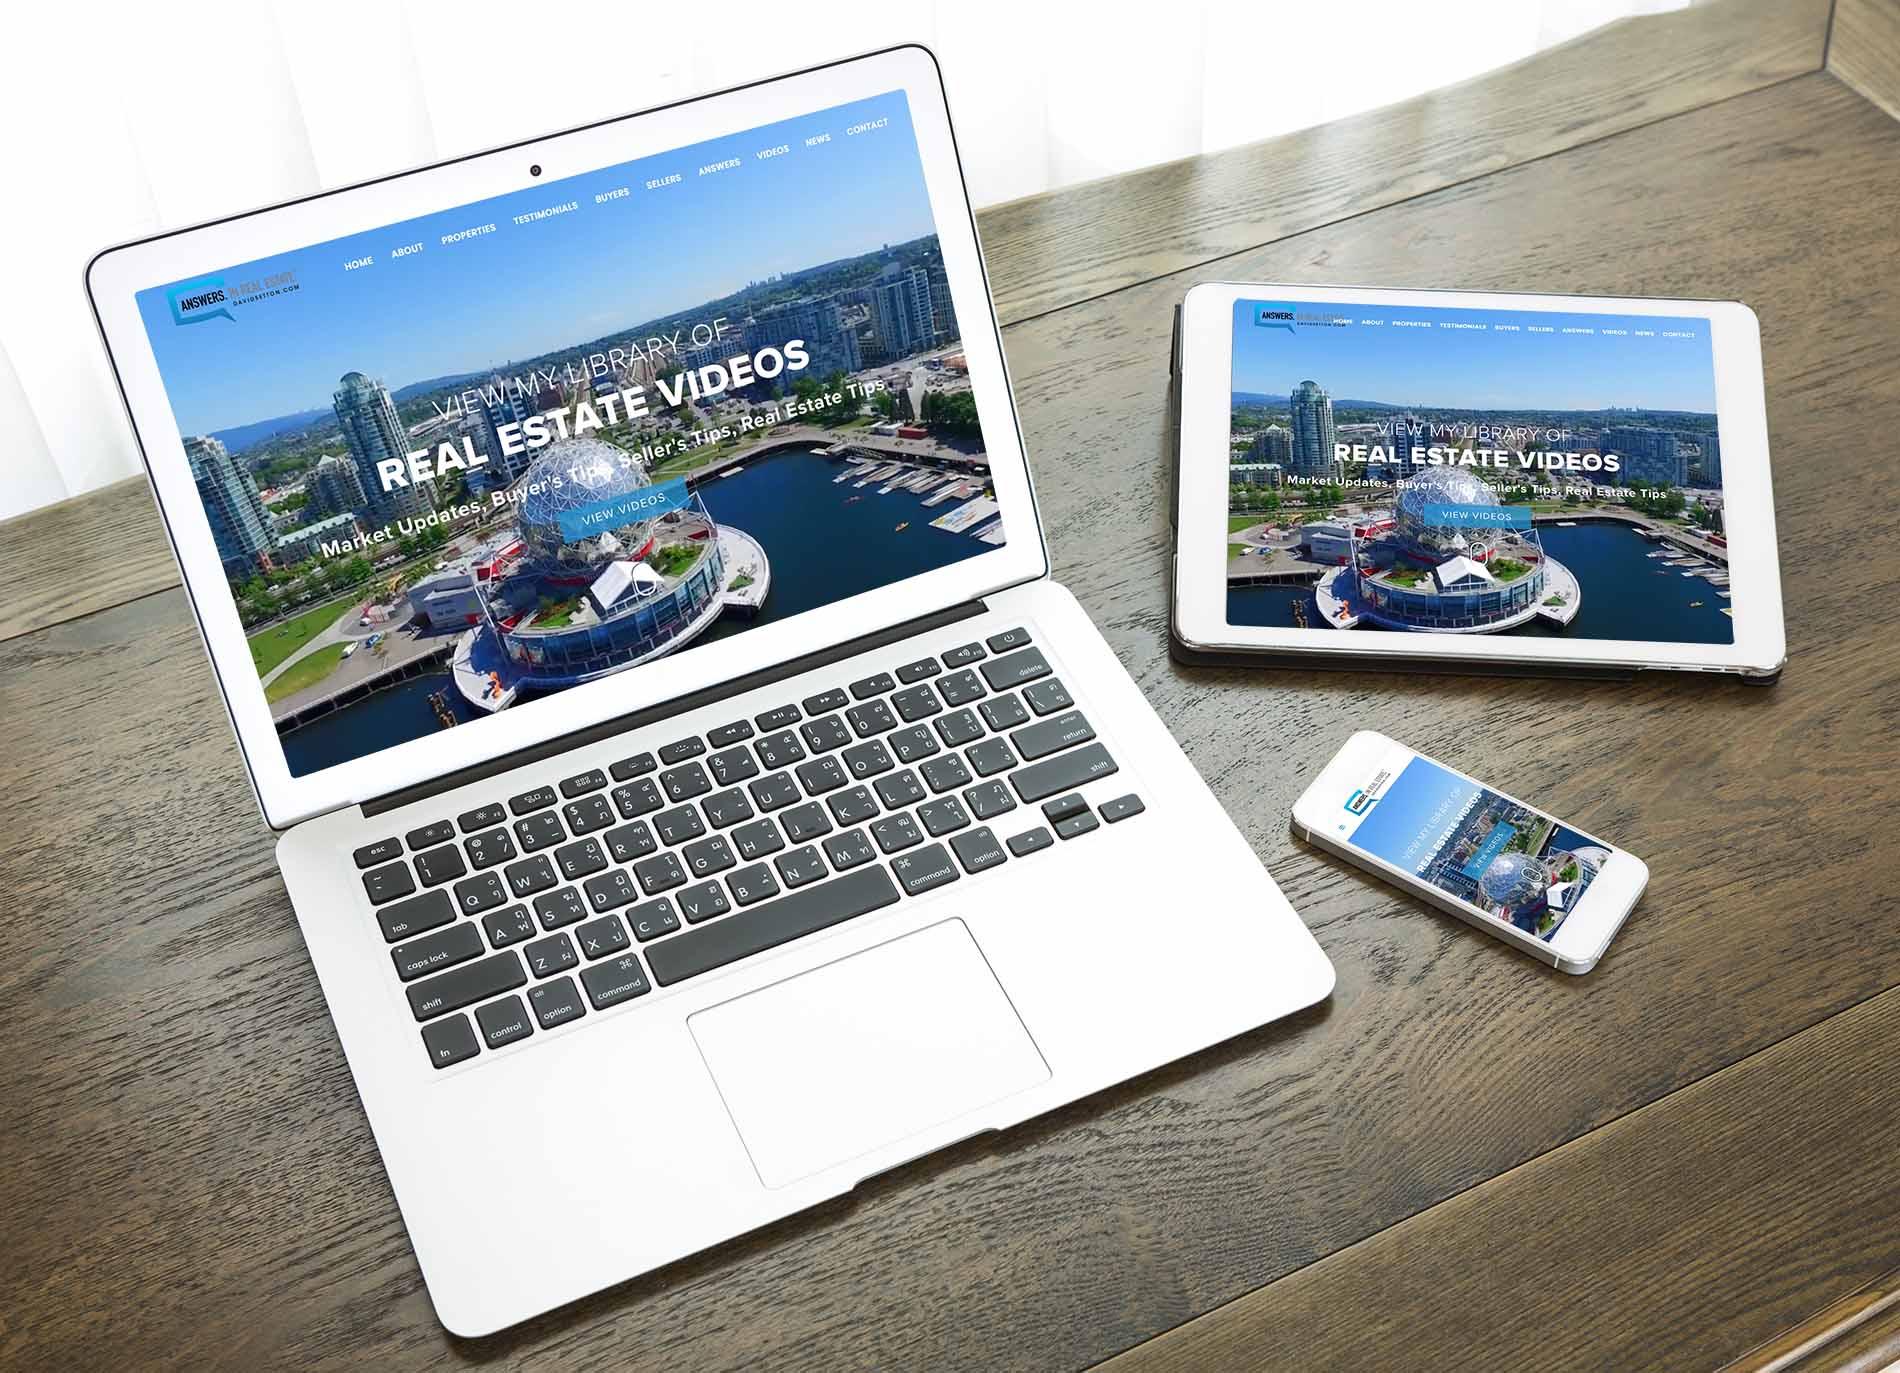 Digitálne zariedenia ukazujúce webstránku Blair Veenstra vytvorenú firmou IdeaMarketing.sk